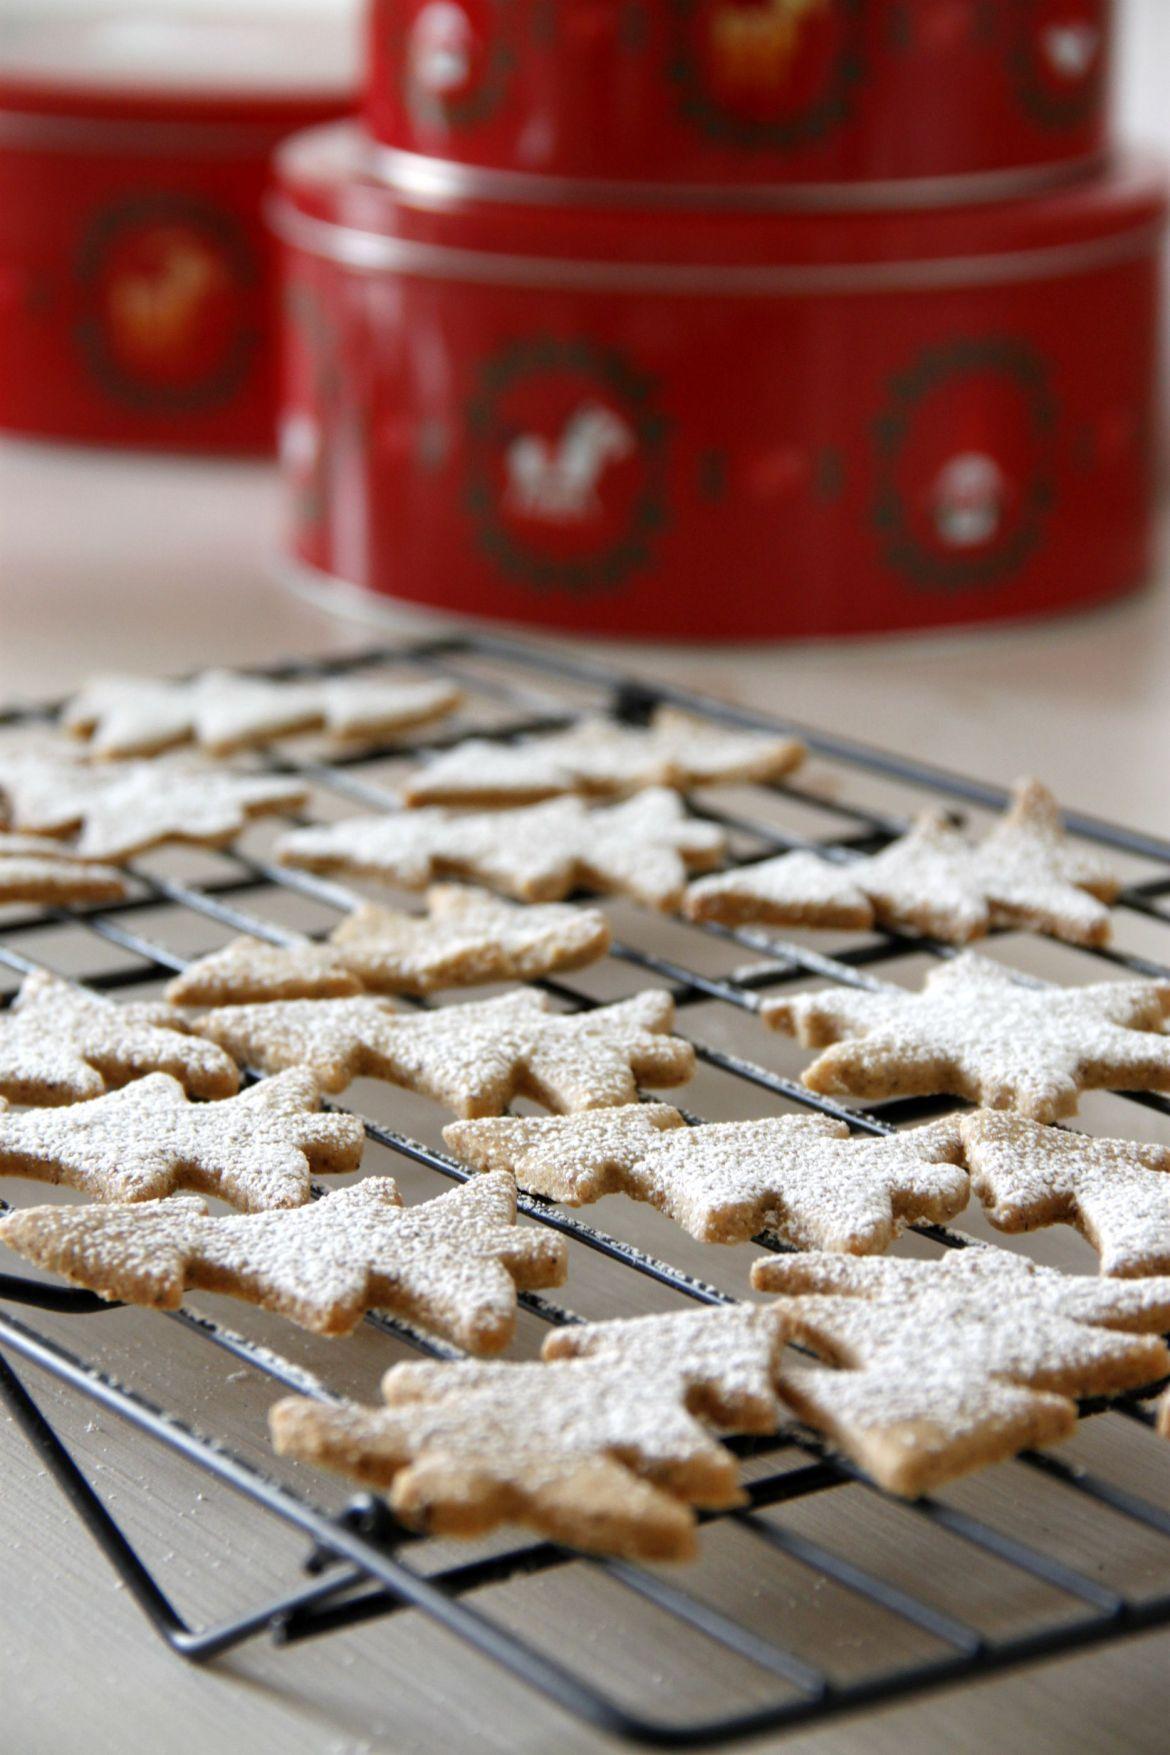 galletas de avellanas